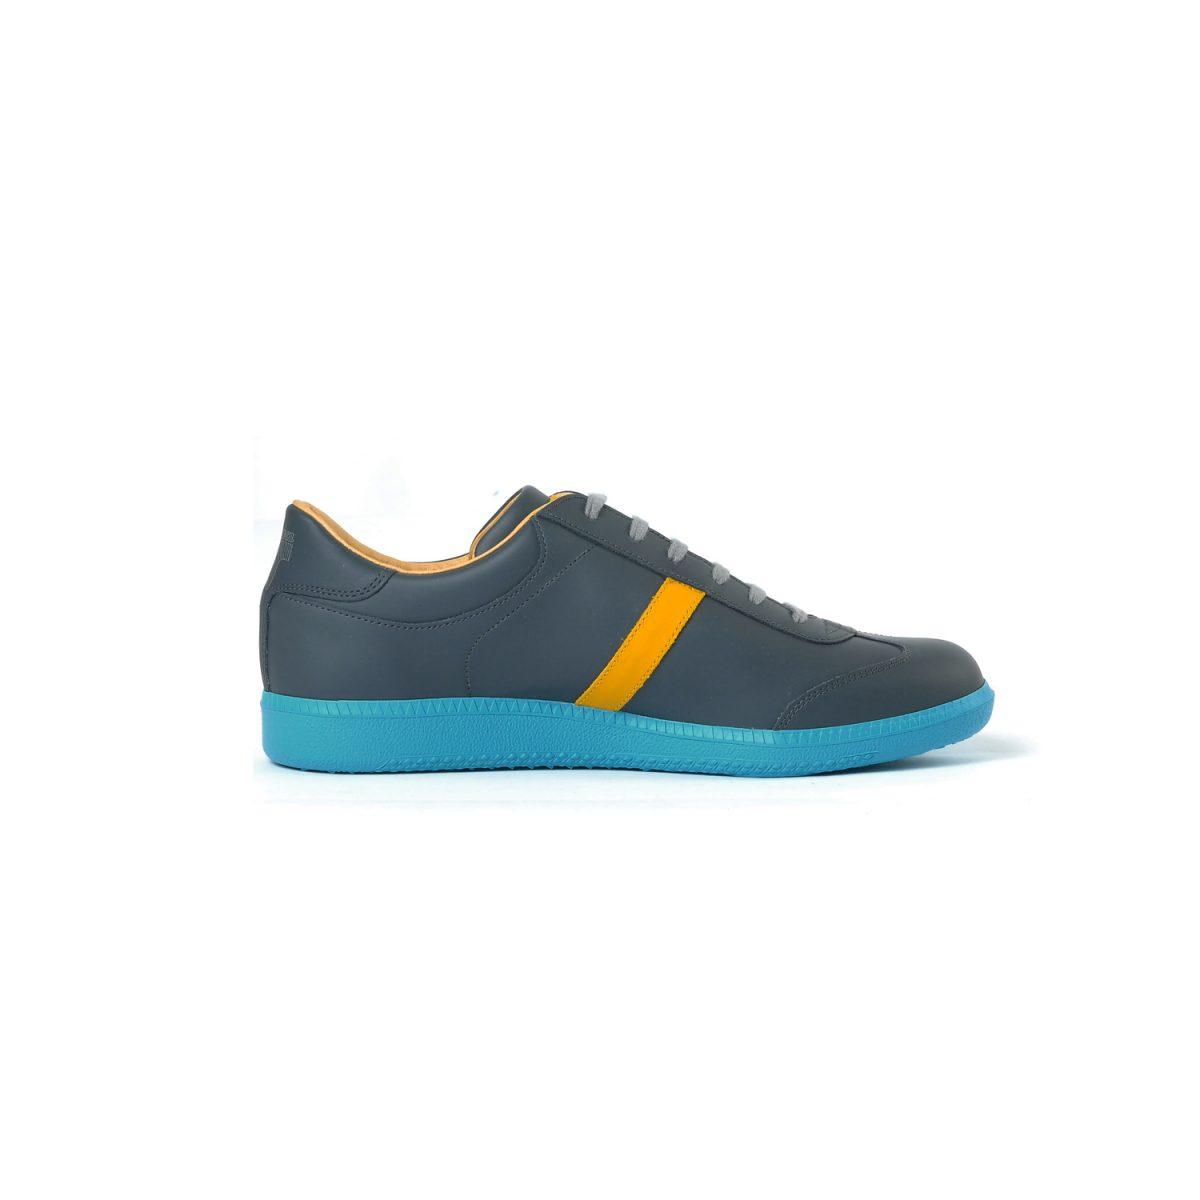 Tisza cipő - Compakt - Árnyék-sárga